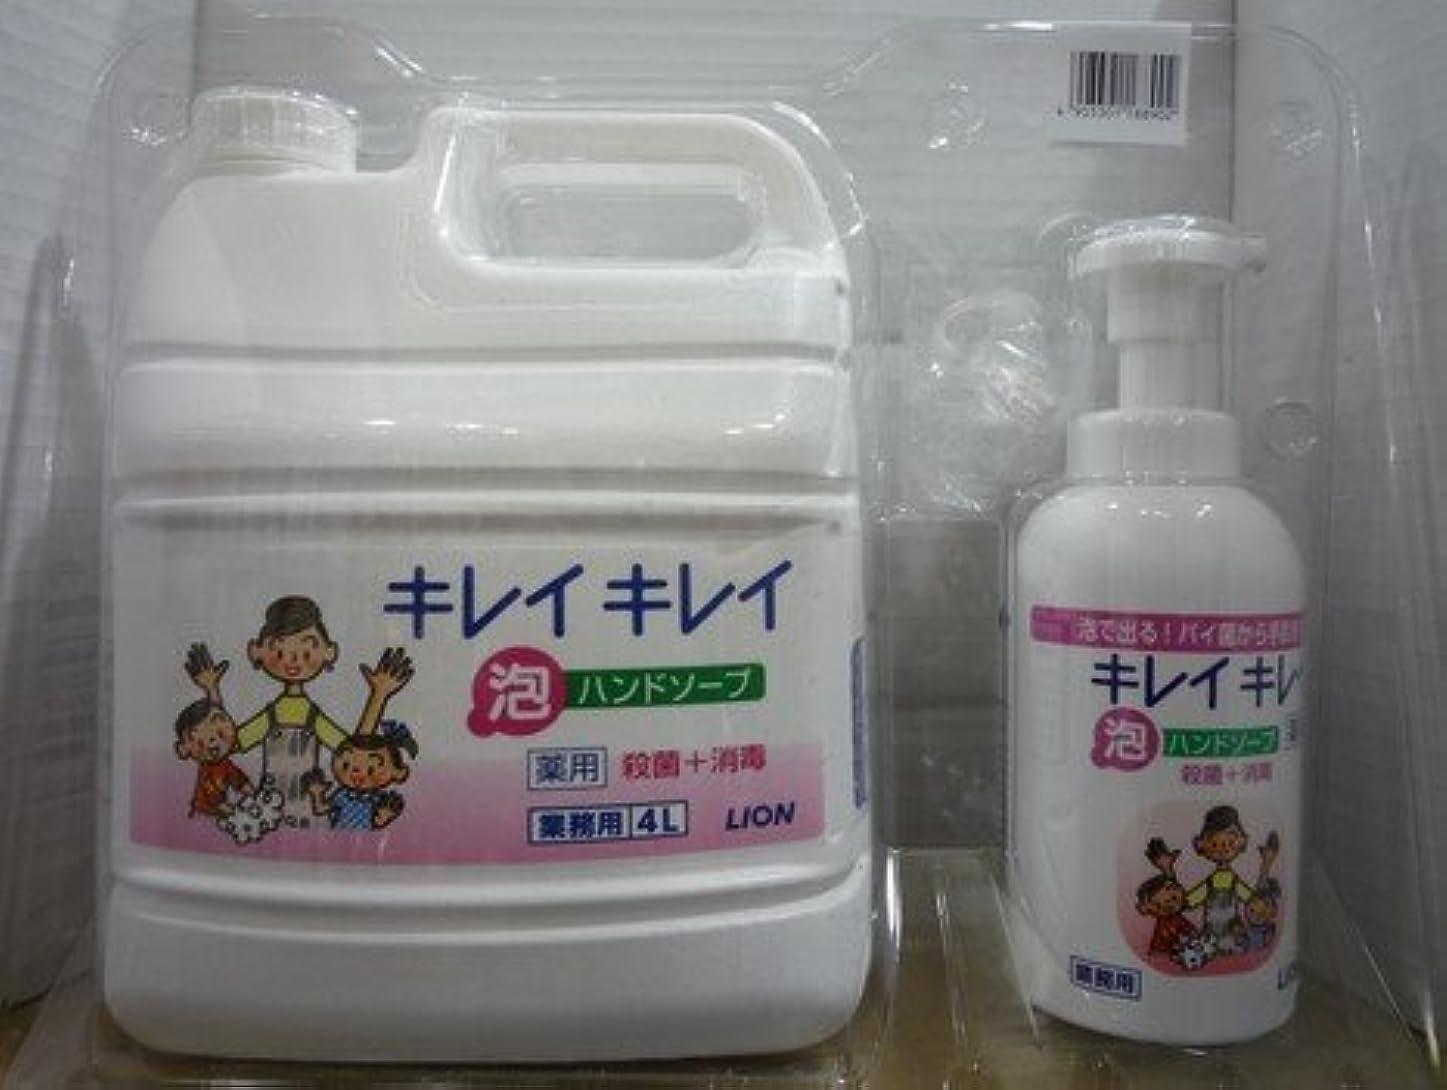 食い違い寛大な練習したキレイキレイ 薬用泡ハンドソープ 業務用 4L+キレイキレイ 薬用泡ハンドソープボトル550ml